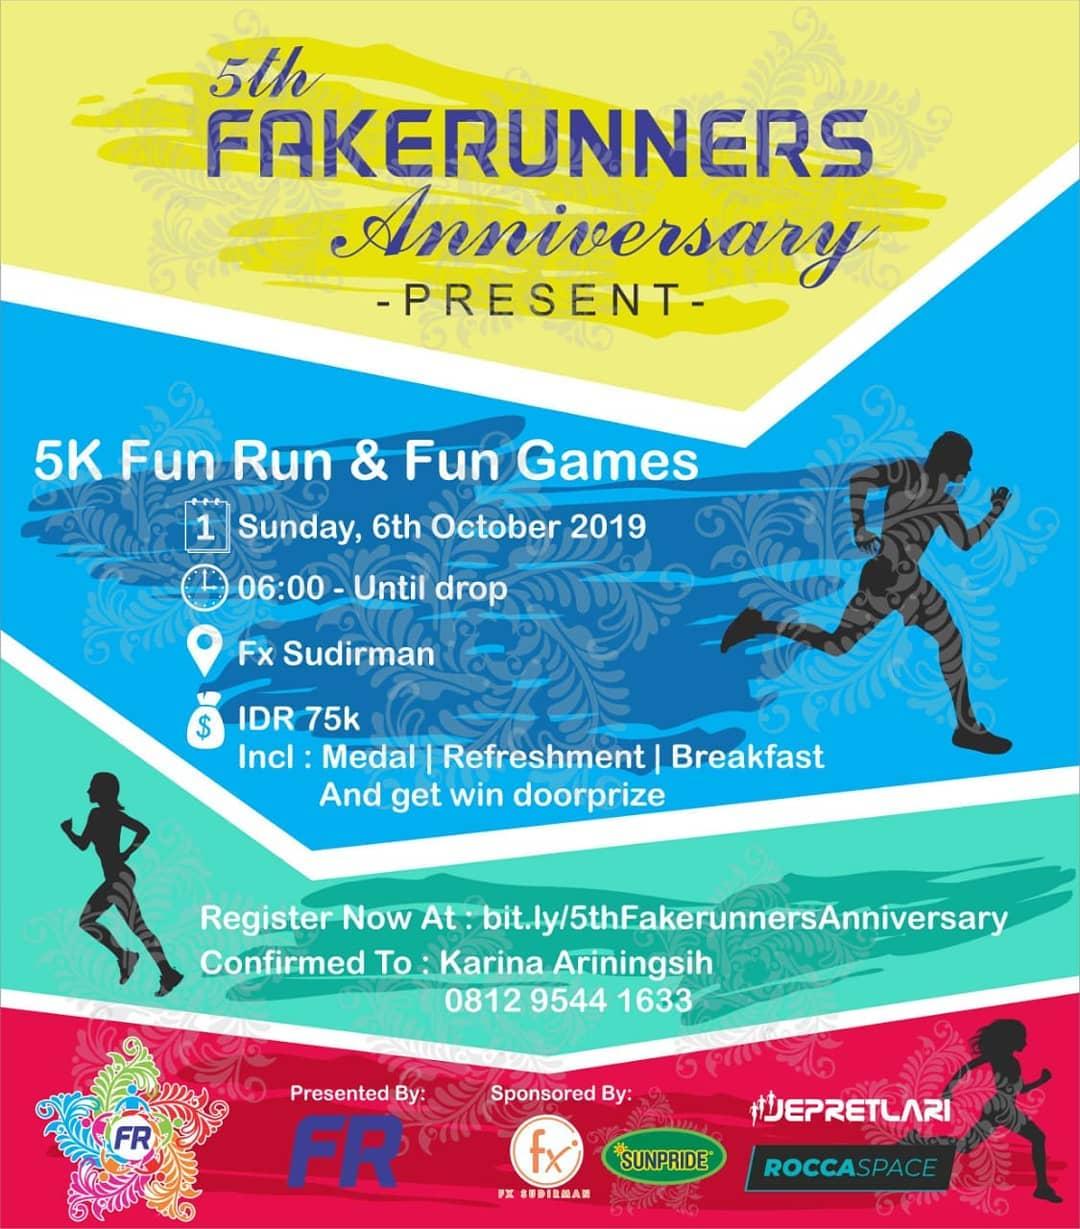 5th Fakerunners Anniversary • 2019